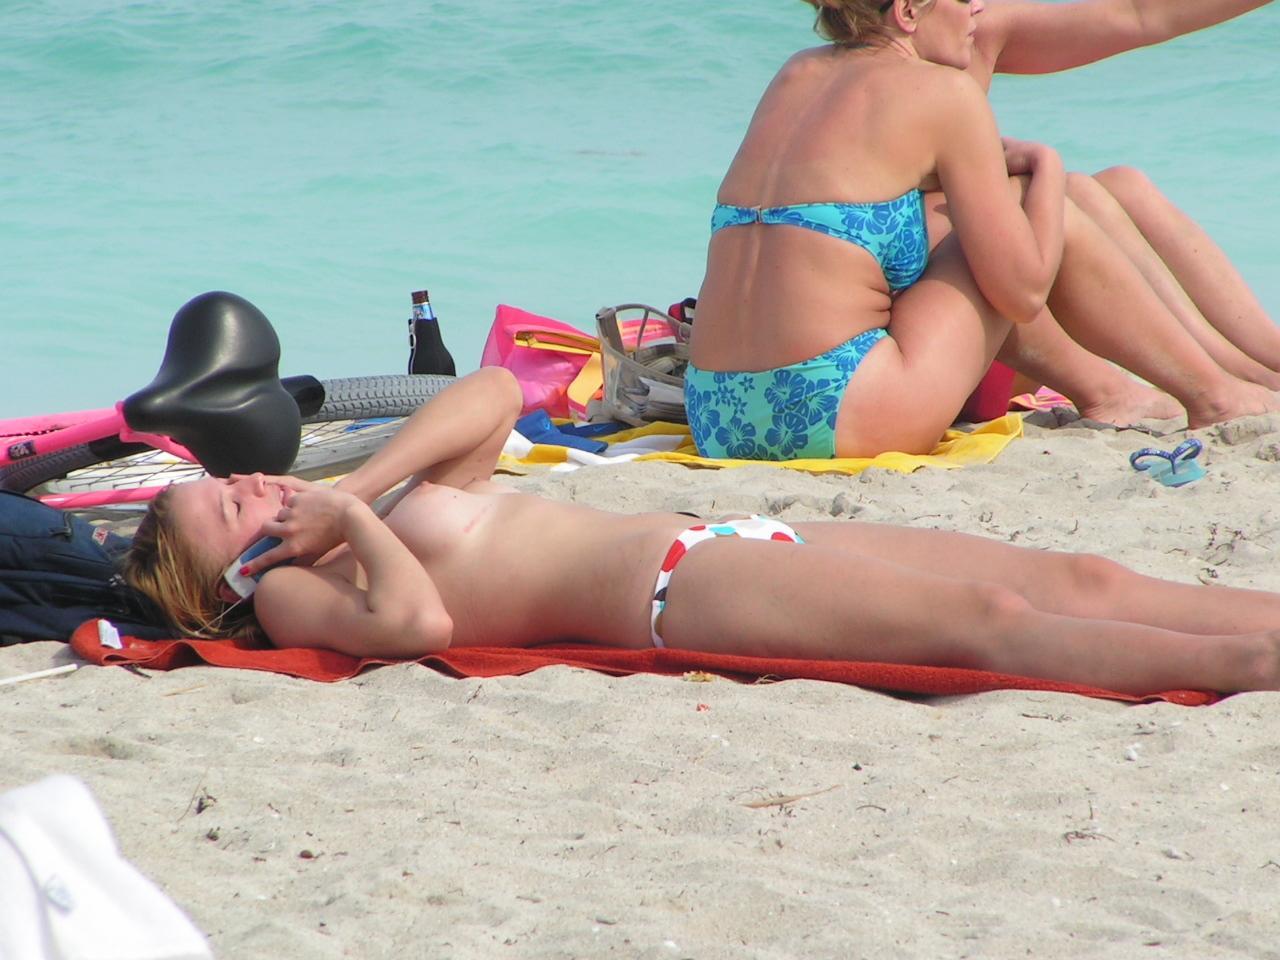 【ヌーディストビーチエロ画像】ヌーディストビーチで女の子の裸は見放題!?